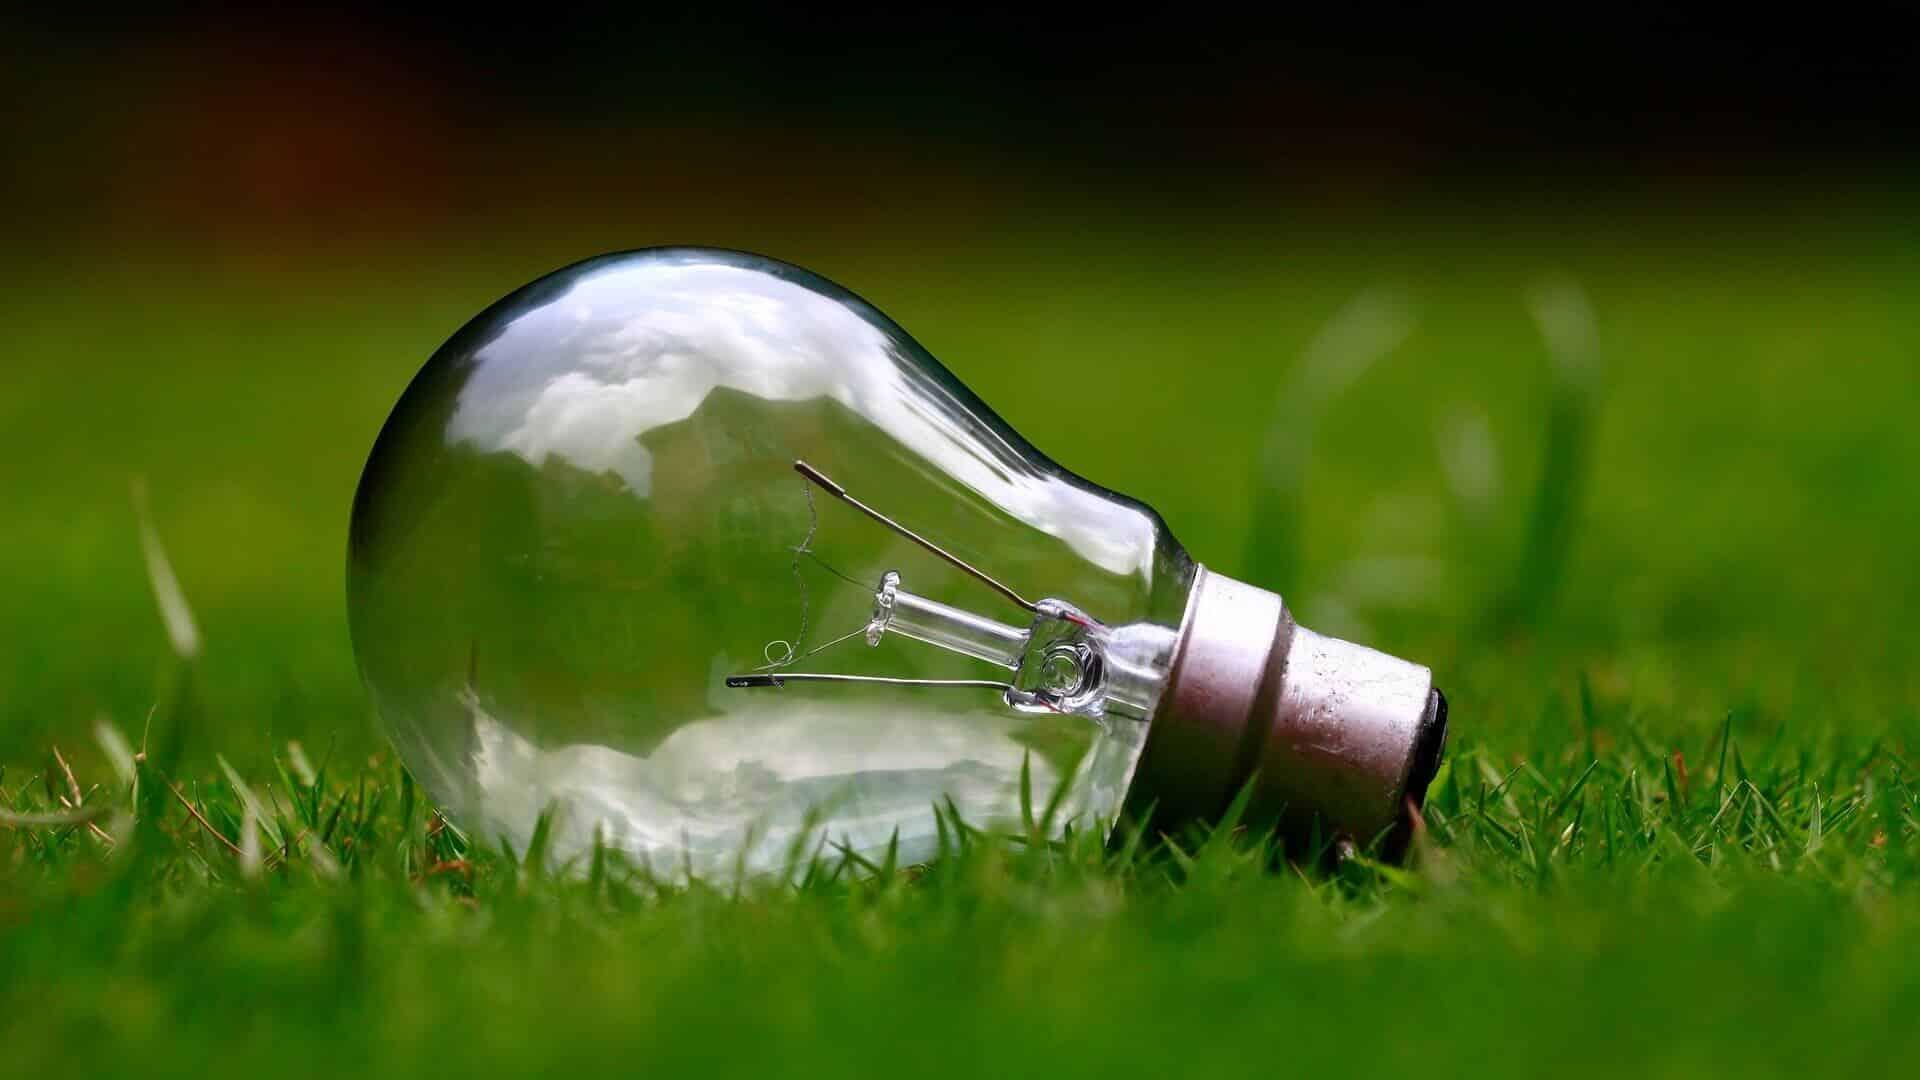 Gas Licht Vergelijken : Aanbevolen artikelen archieven pagina van gaslicht